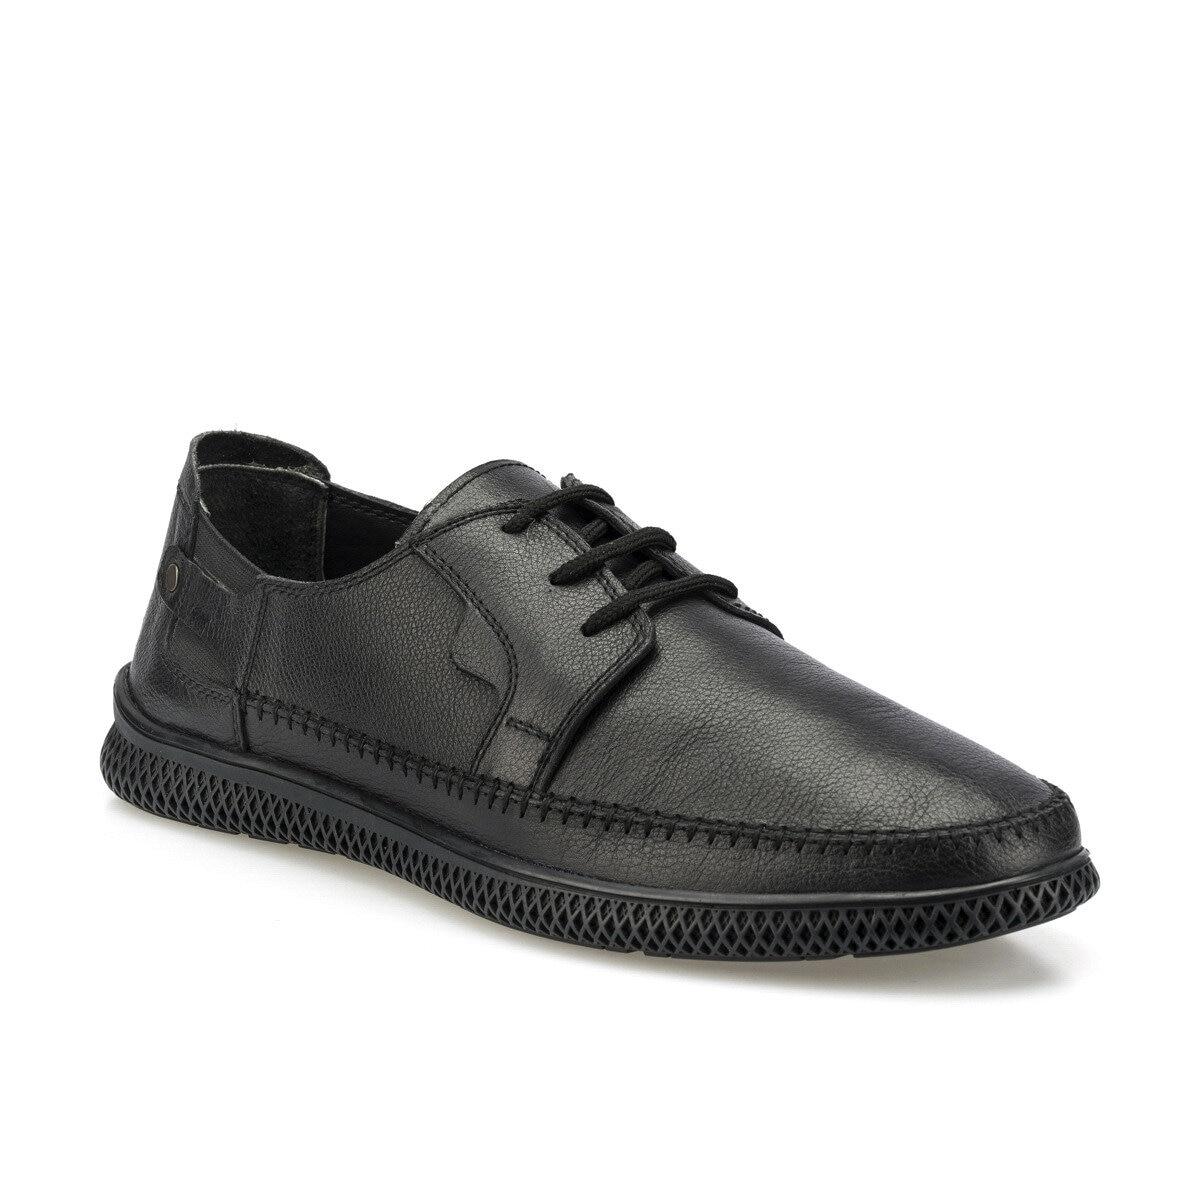 FLO 102071.M Black Men 'S Comfort Shoes Polaris 5 Point